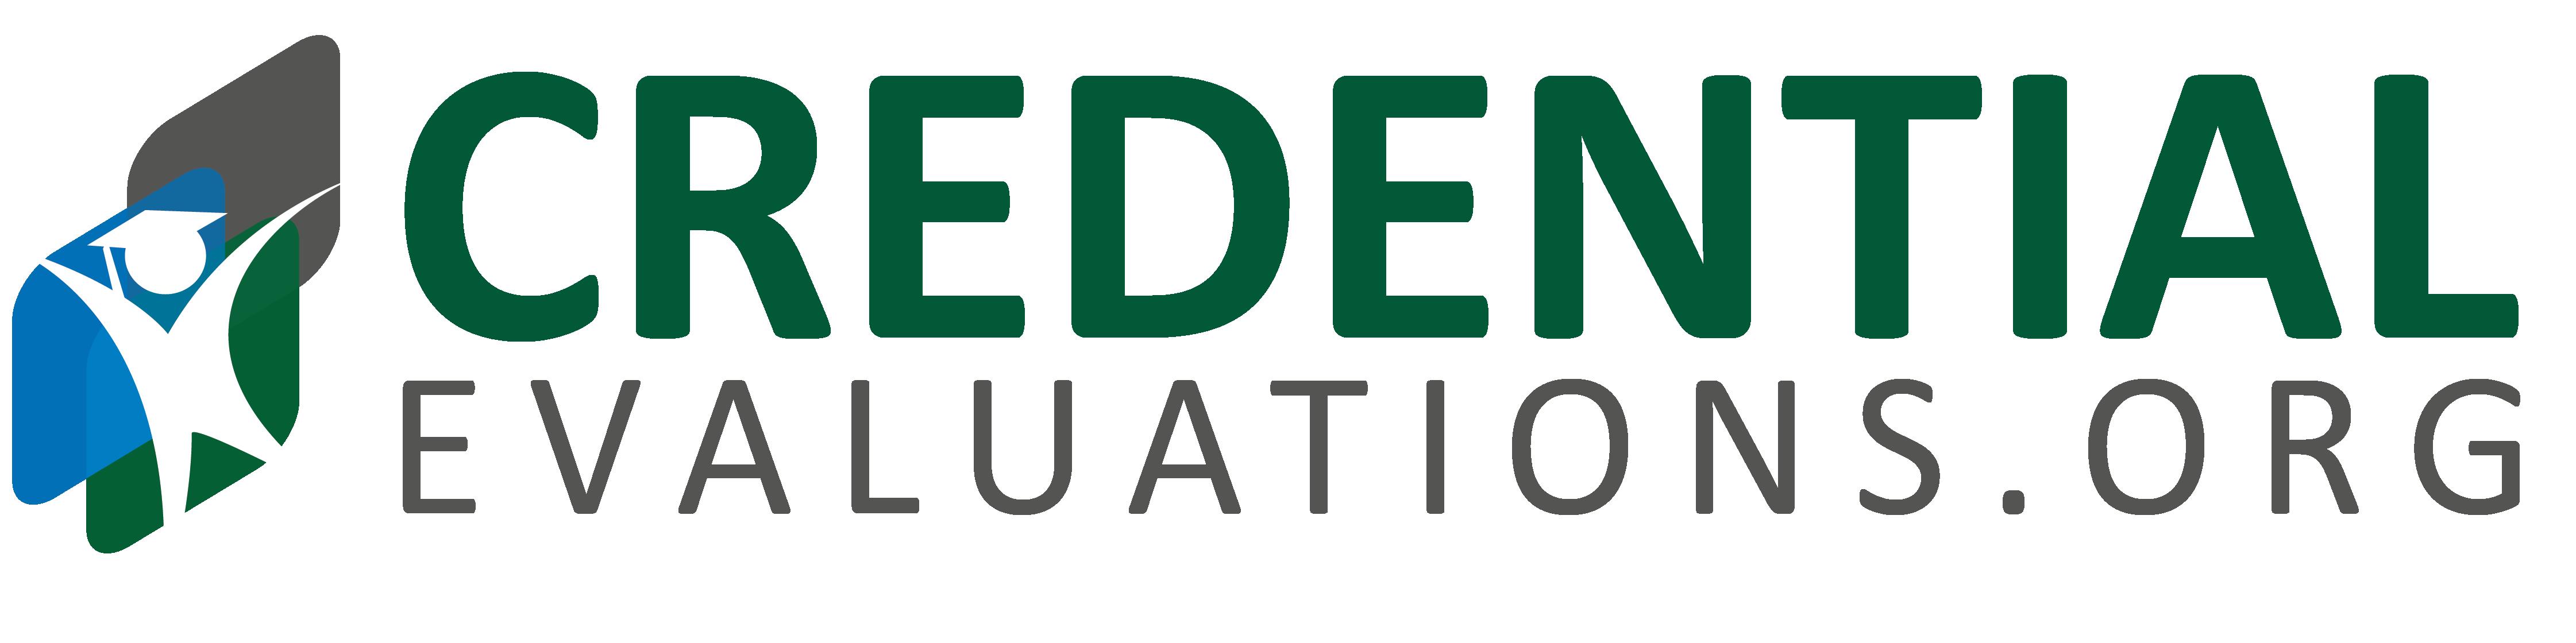 credentials_evaluation.org